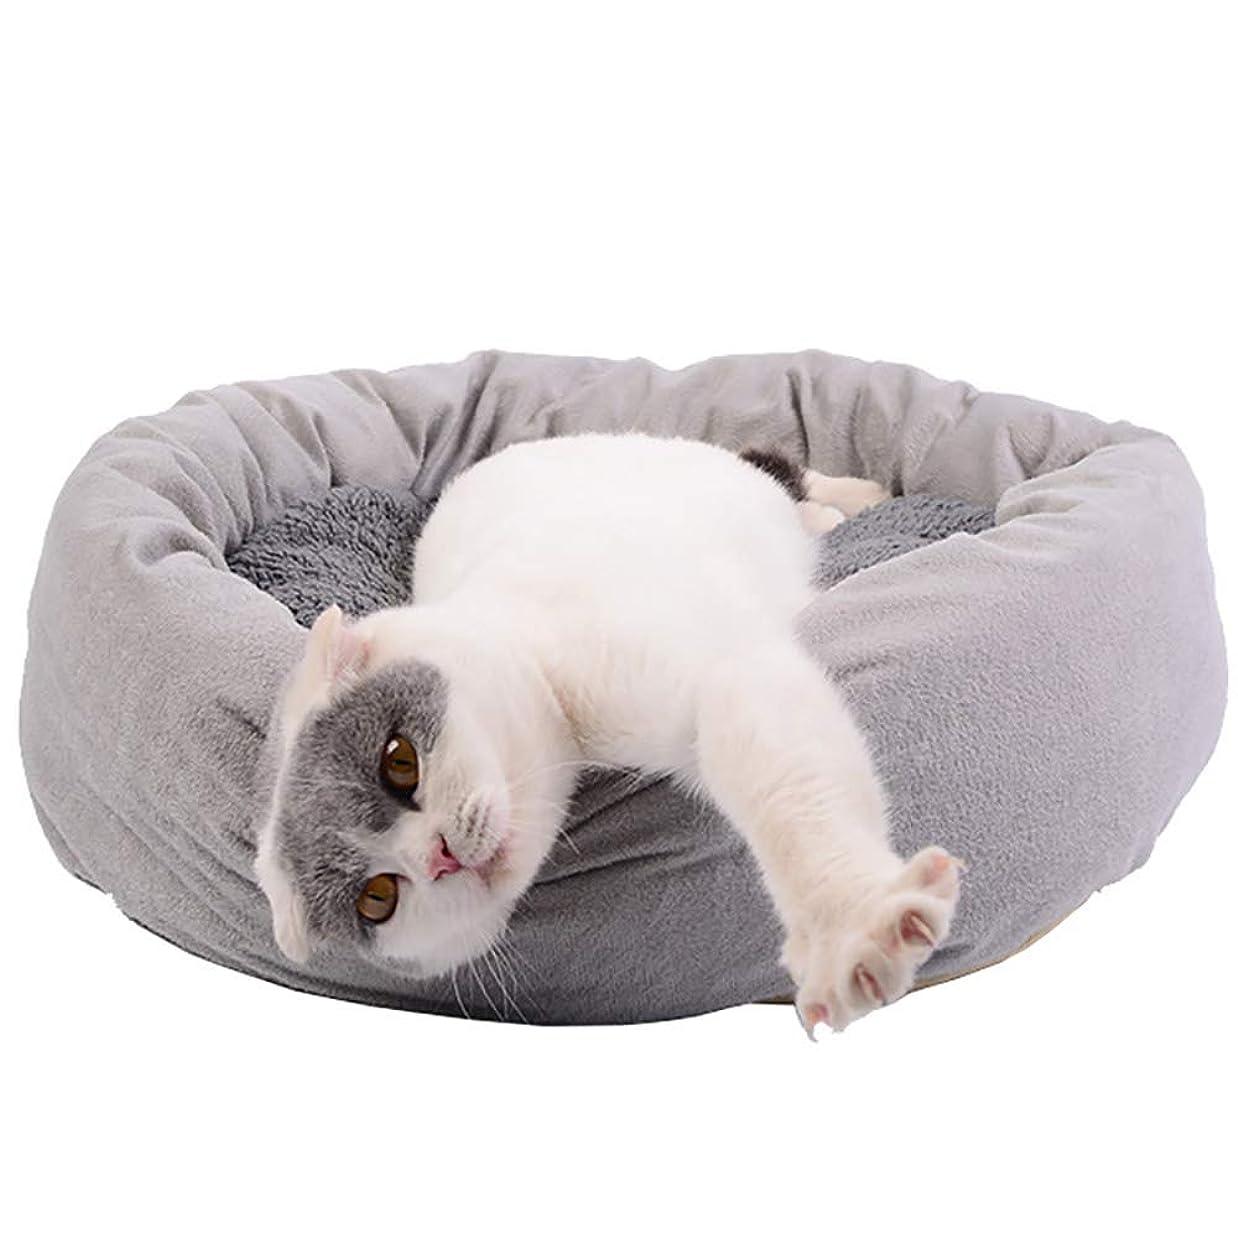 開示するフェザーポーク猫と小型犬用のデラックスペットベッド柔らかいクッションラウンドまたは楕円形のドーナツの入れ子になった洞窟ベッドを備えたカドラー直径55cmの猫と小型犬用のペット猫用ベッド、グレー